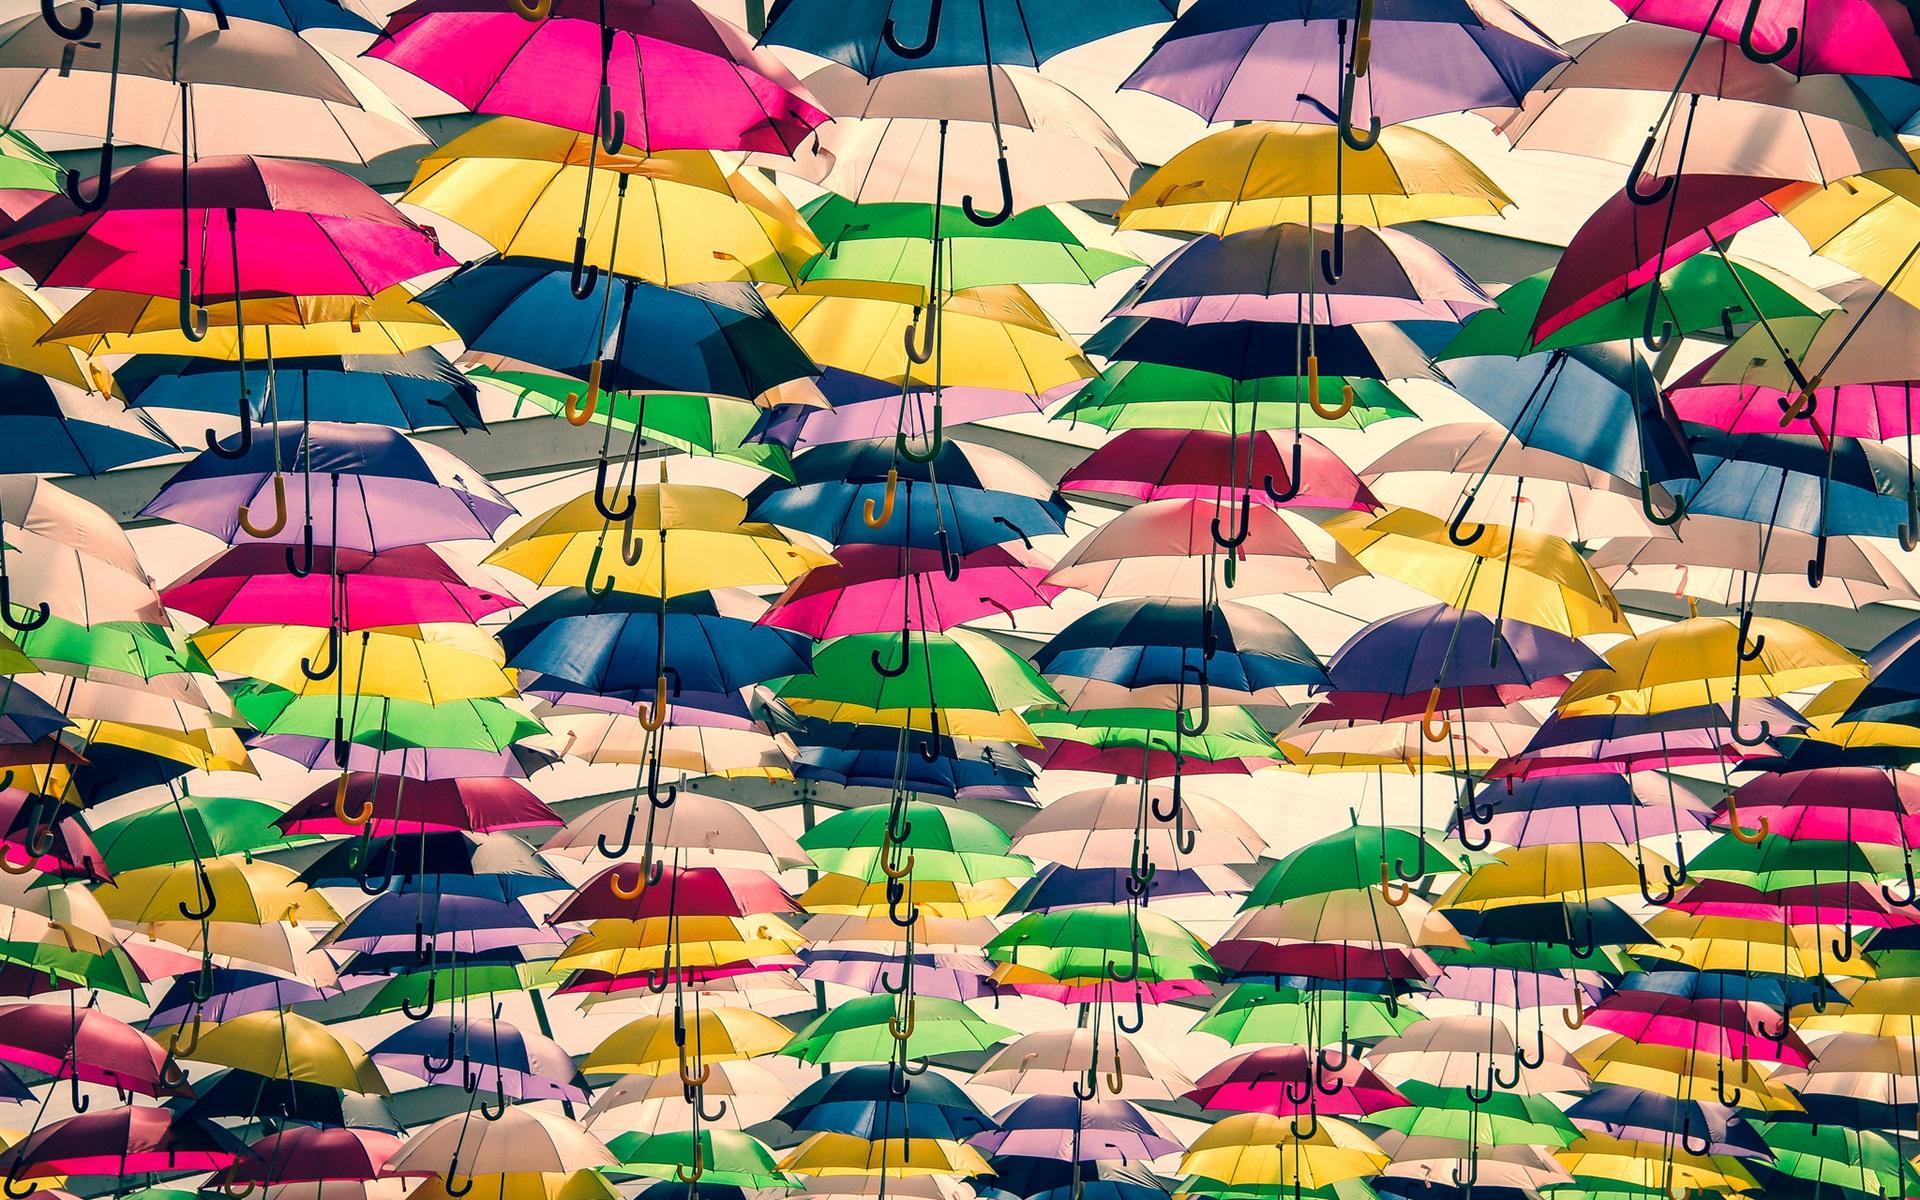 Fondos De Pantalla Muchos Paraguas Coloridos 1920x1200 HD